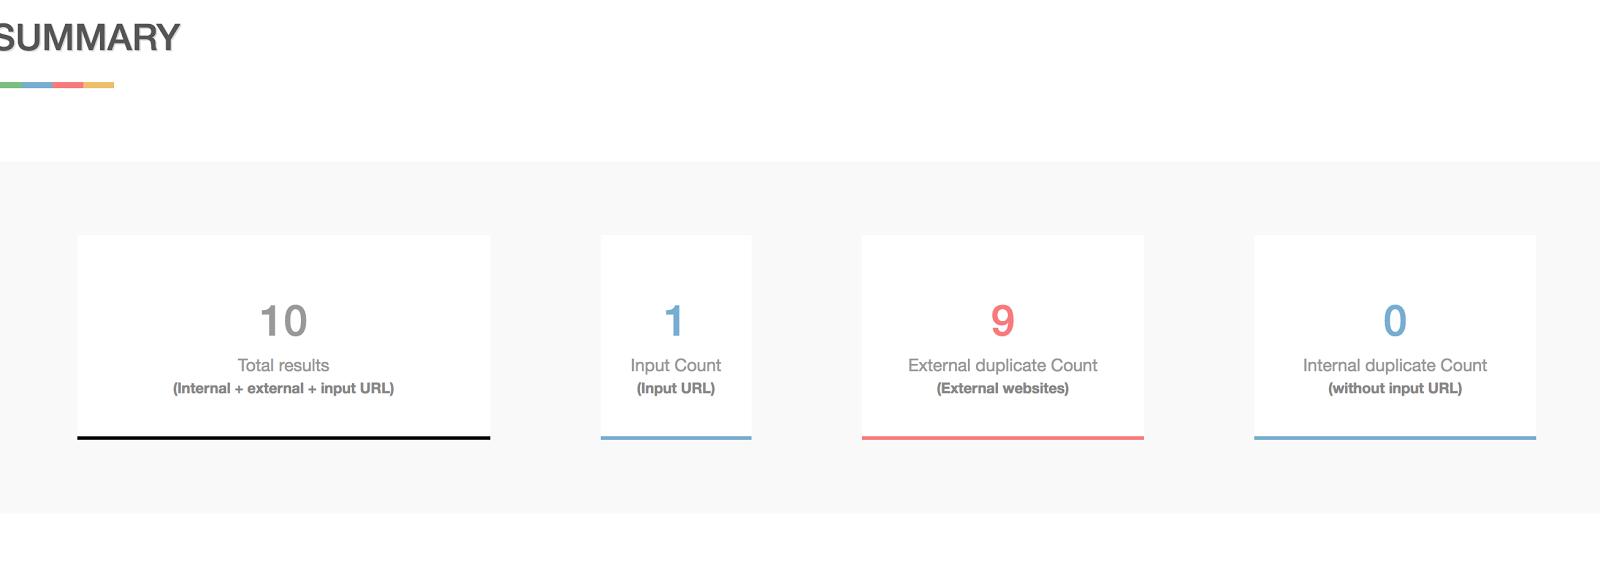 consulte la guía de clasificación para ver si hay contenido duplicado